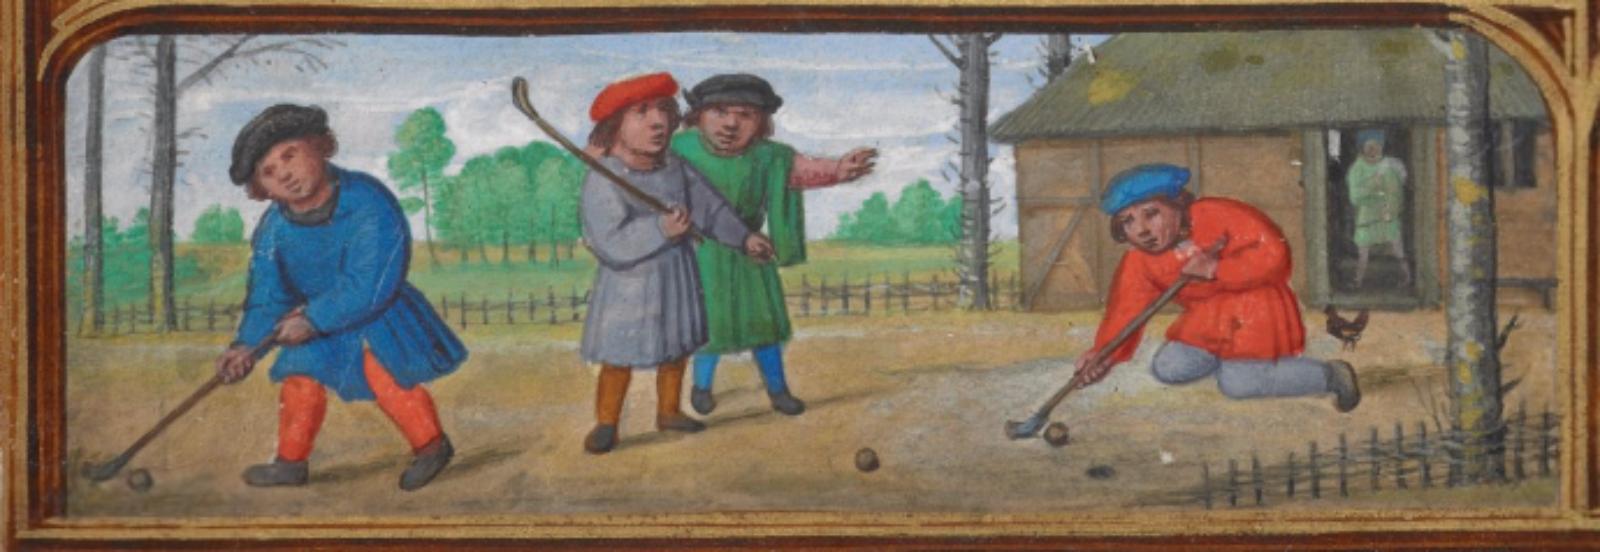 Ilustrácia zo stredovekého manuskriptu Book of Hours, nazývaného aj Golf Book (cca 1540).